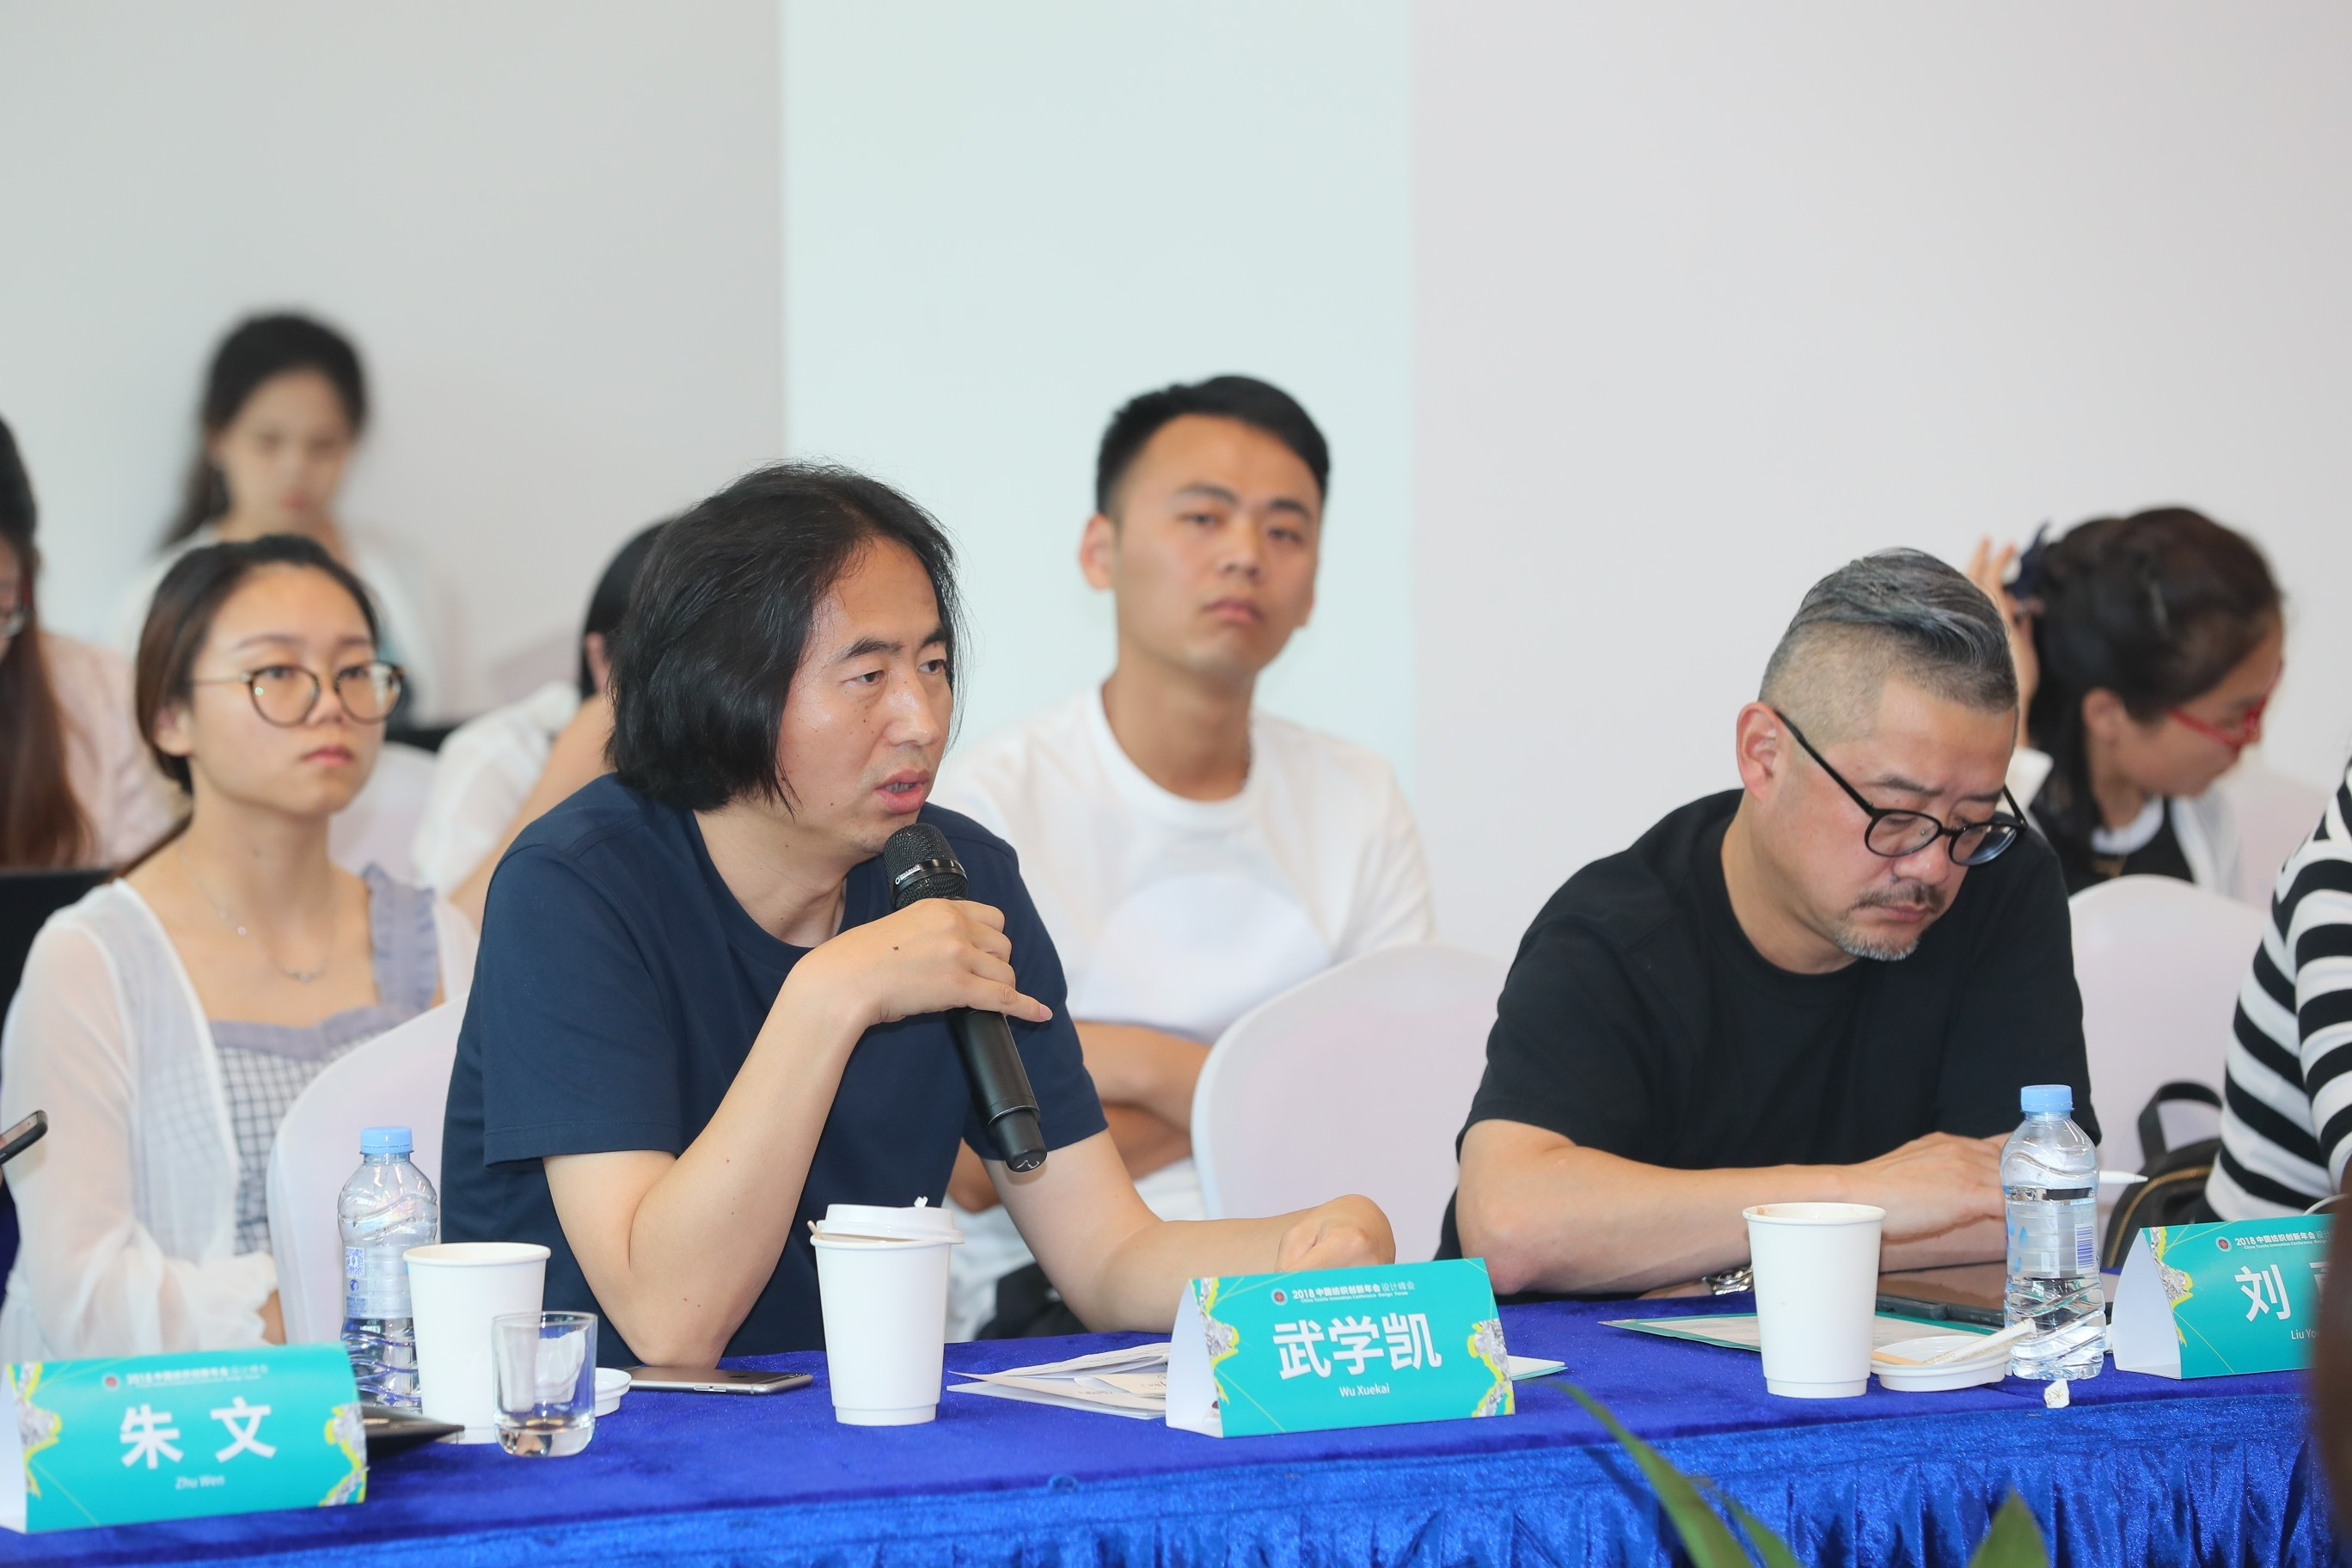 上海标顶服饰有限公司总经理兼设计总监